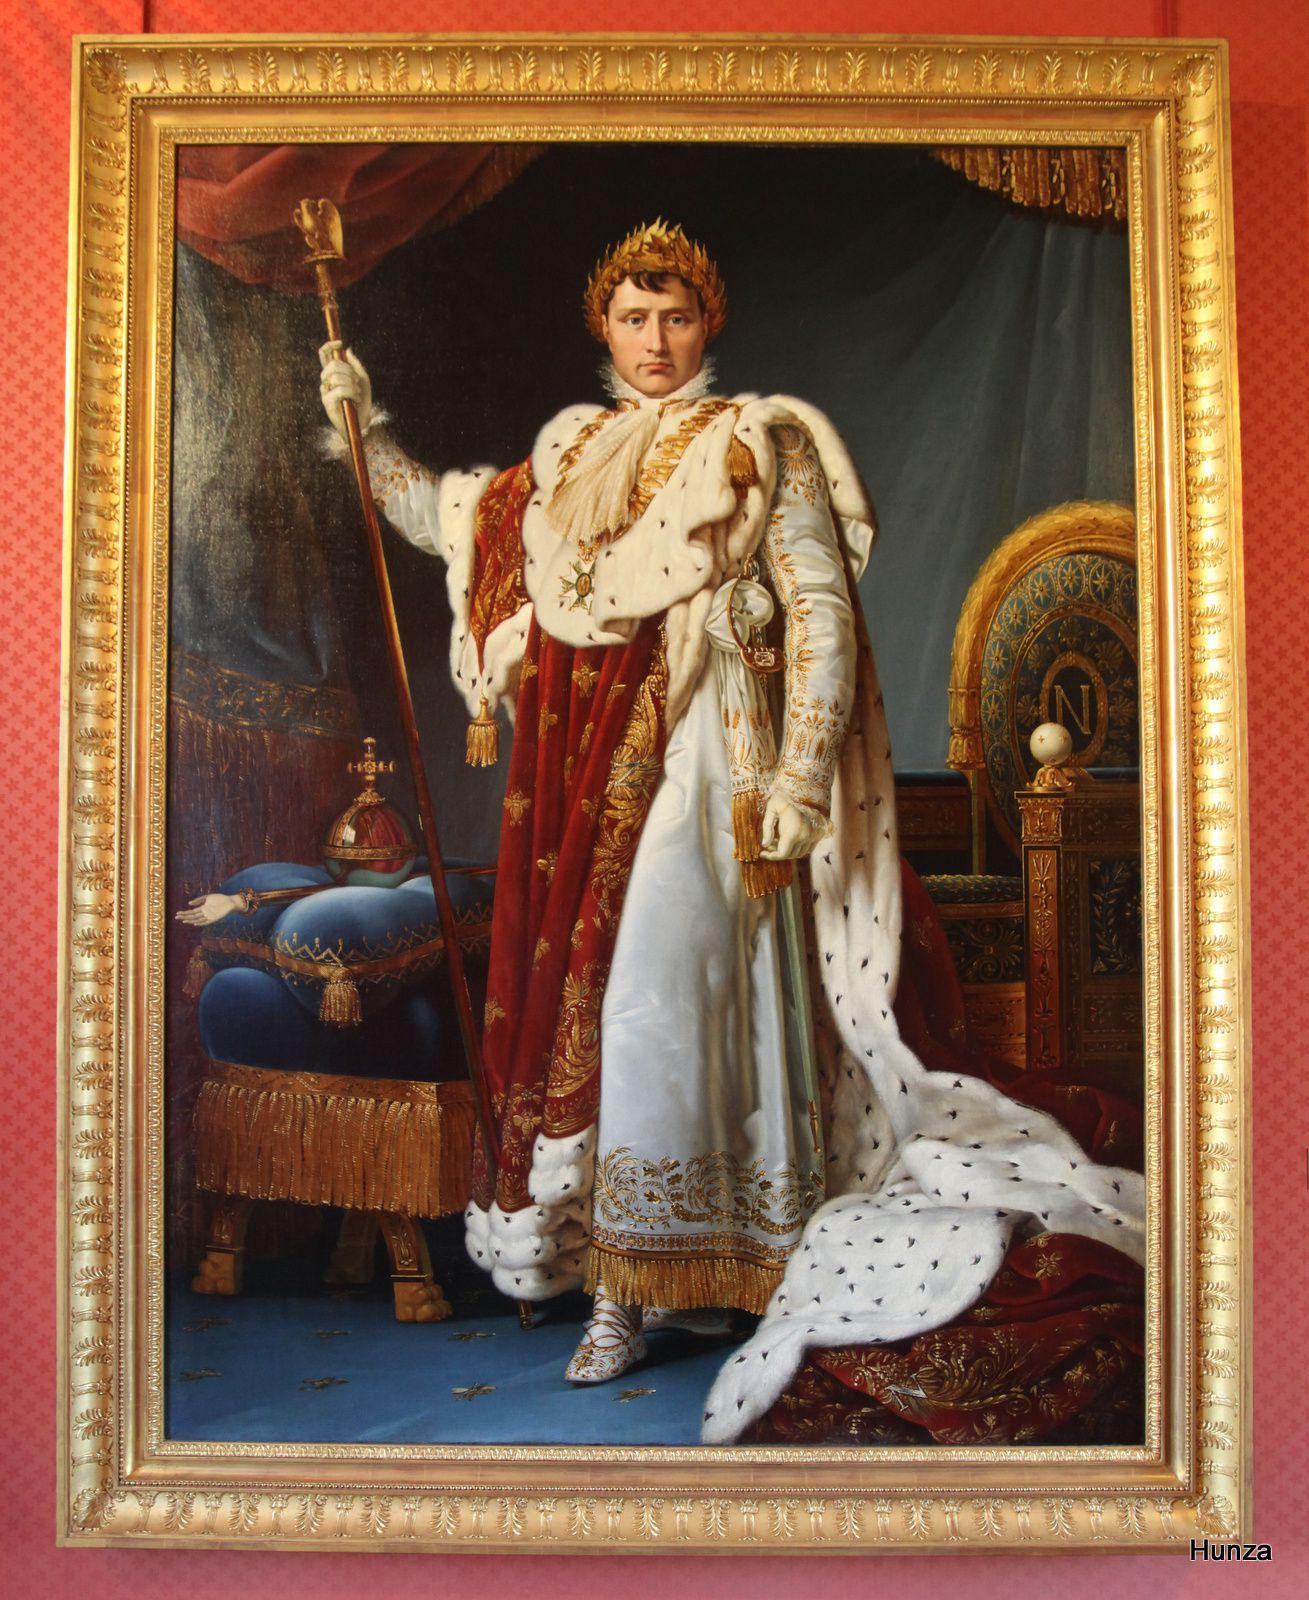 L'empereur Napoléon peint en 1805 par le baron François Gérard (1770-1837)